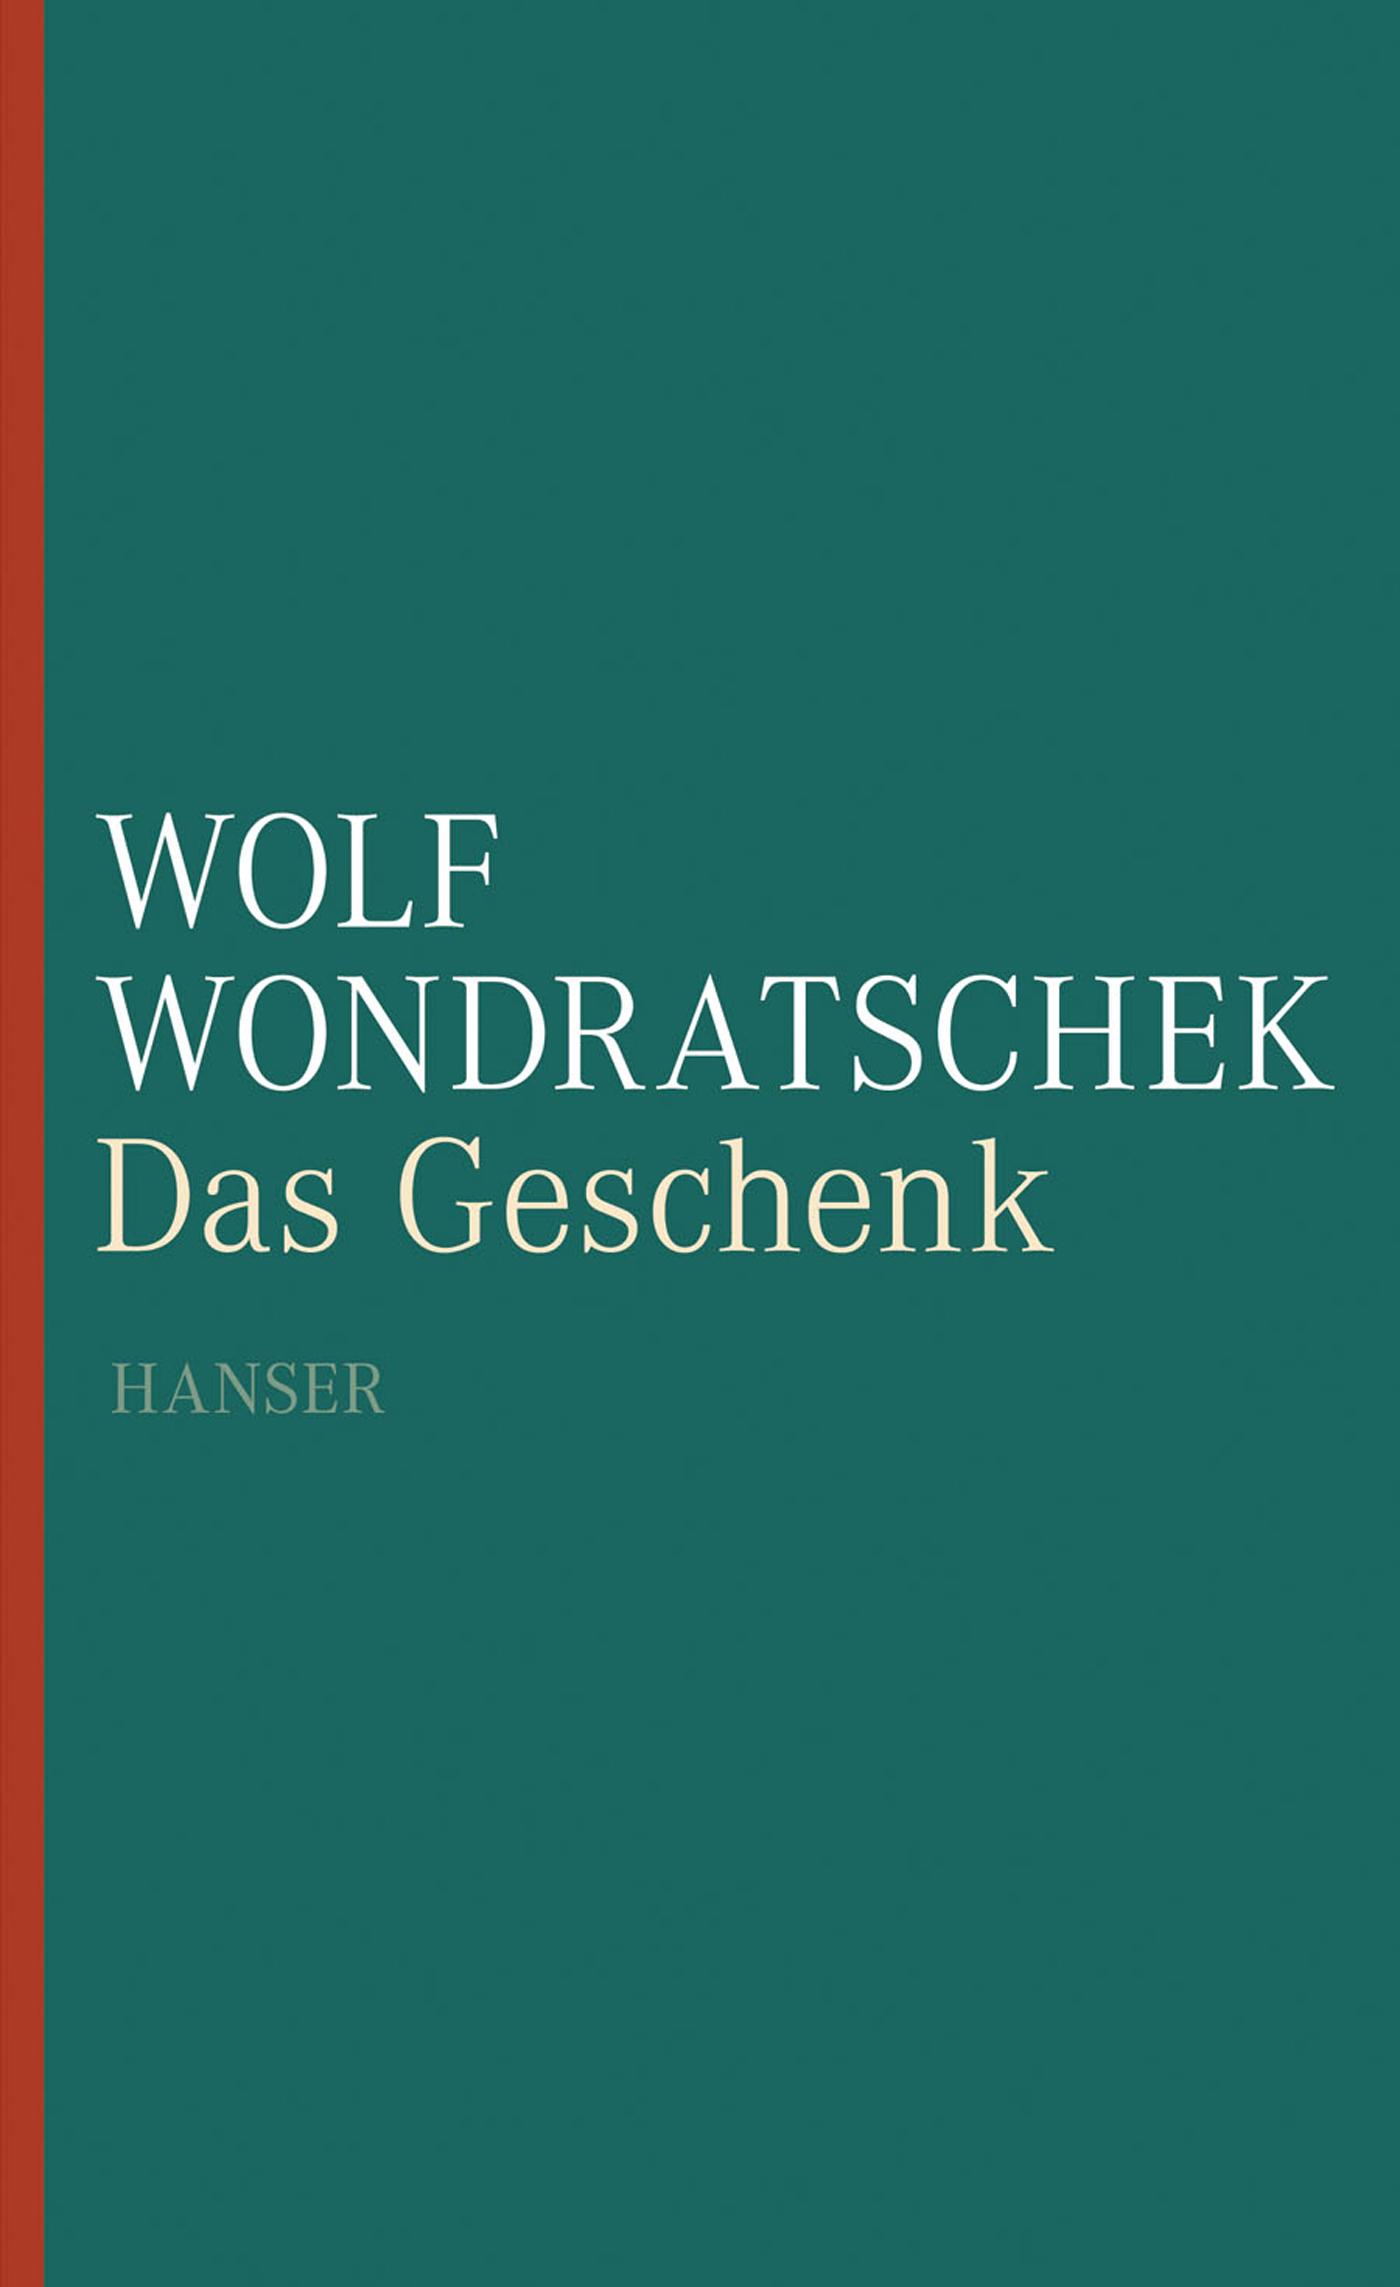 Das Geschenk - Wolf Wondratschek